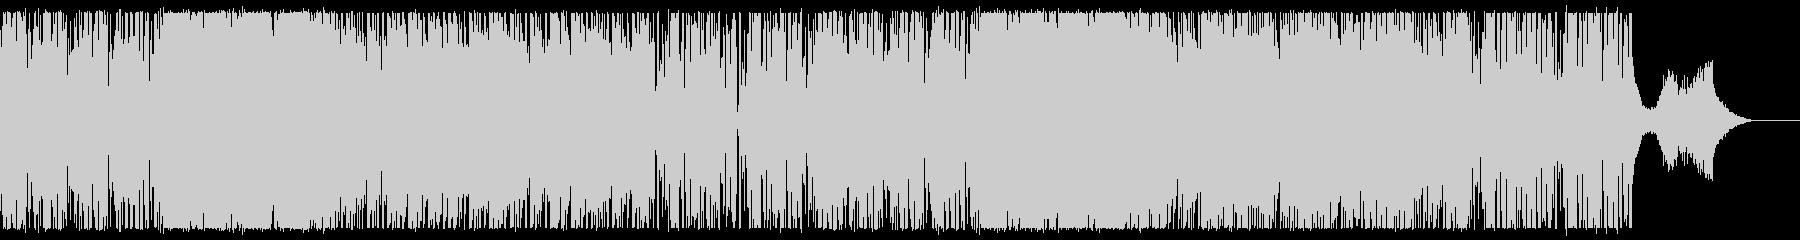 六本木ヴィンセントの未再生の波形